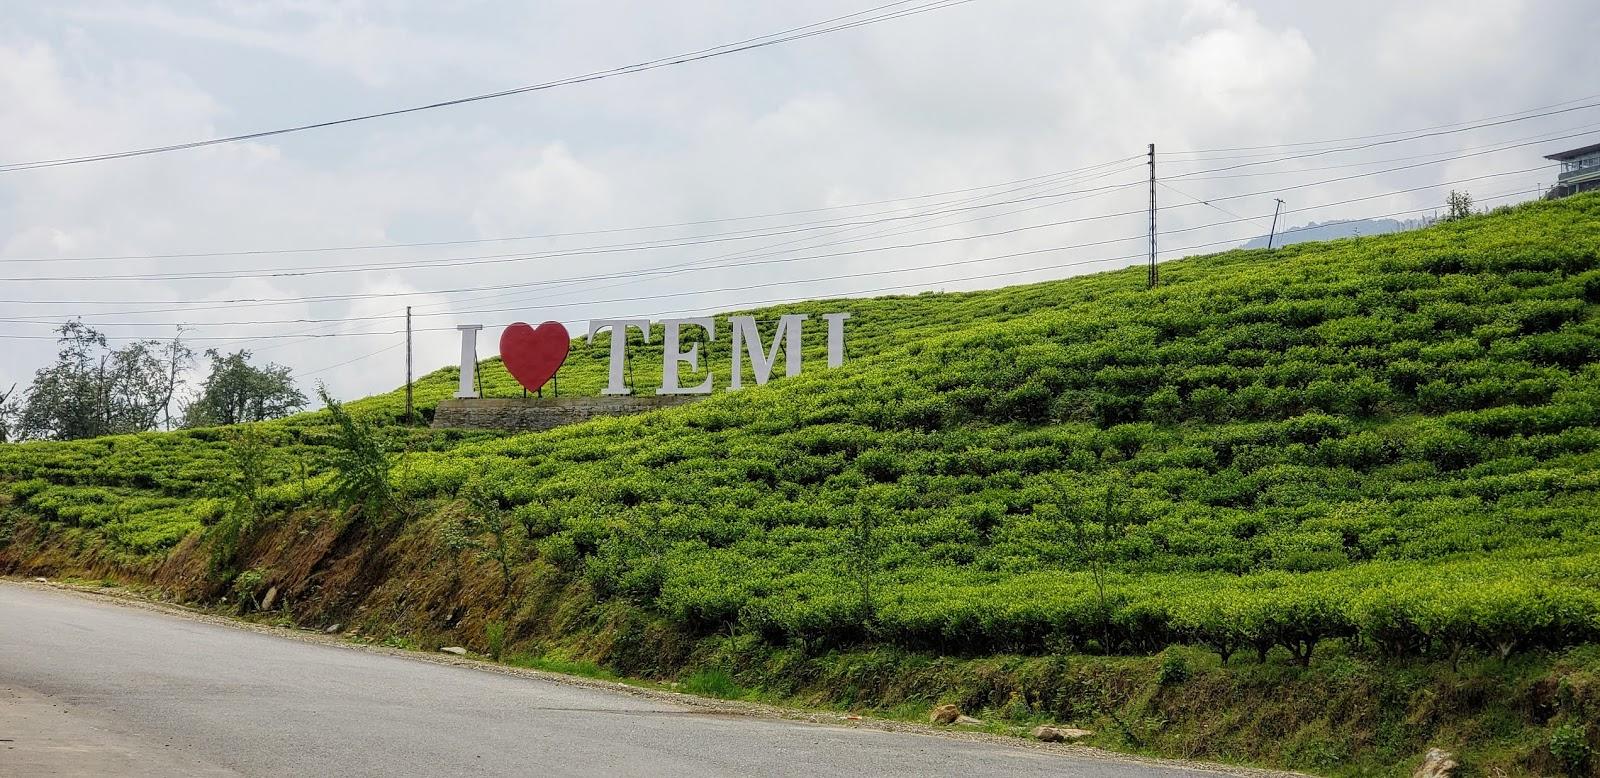 टेमी टी गार्डन, ईस्ट सिक्किम